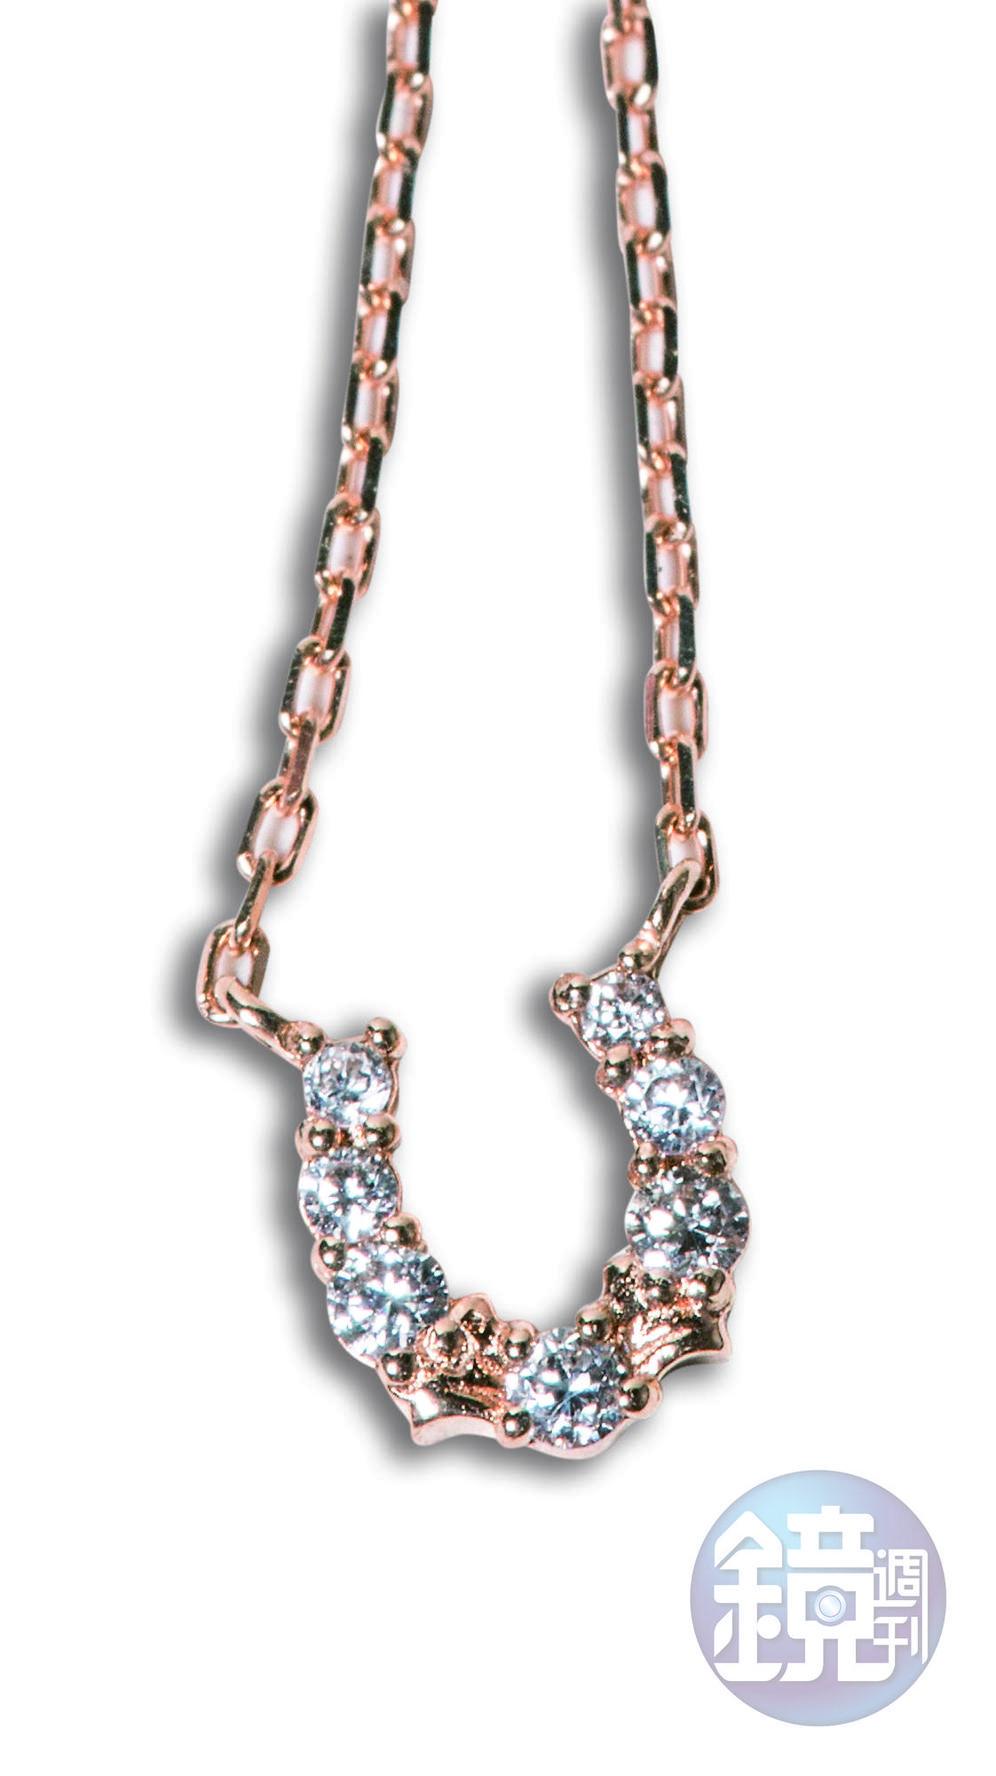 agete鑽石項鍊,品牌贈送的母親節禮物。